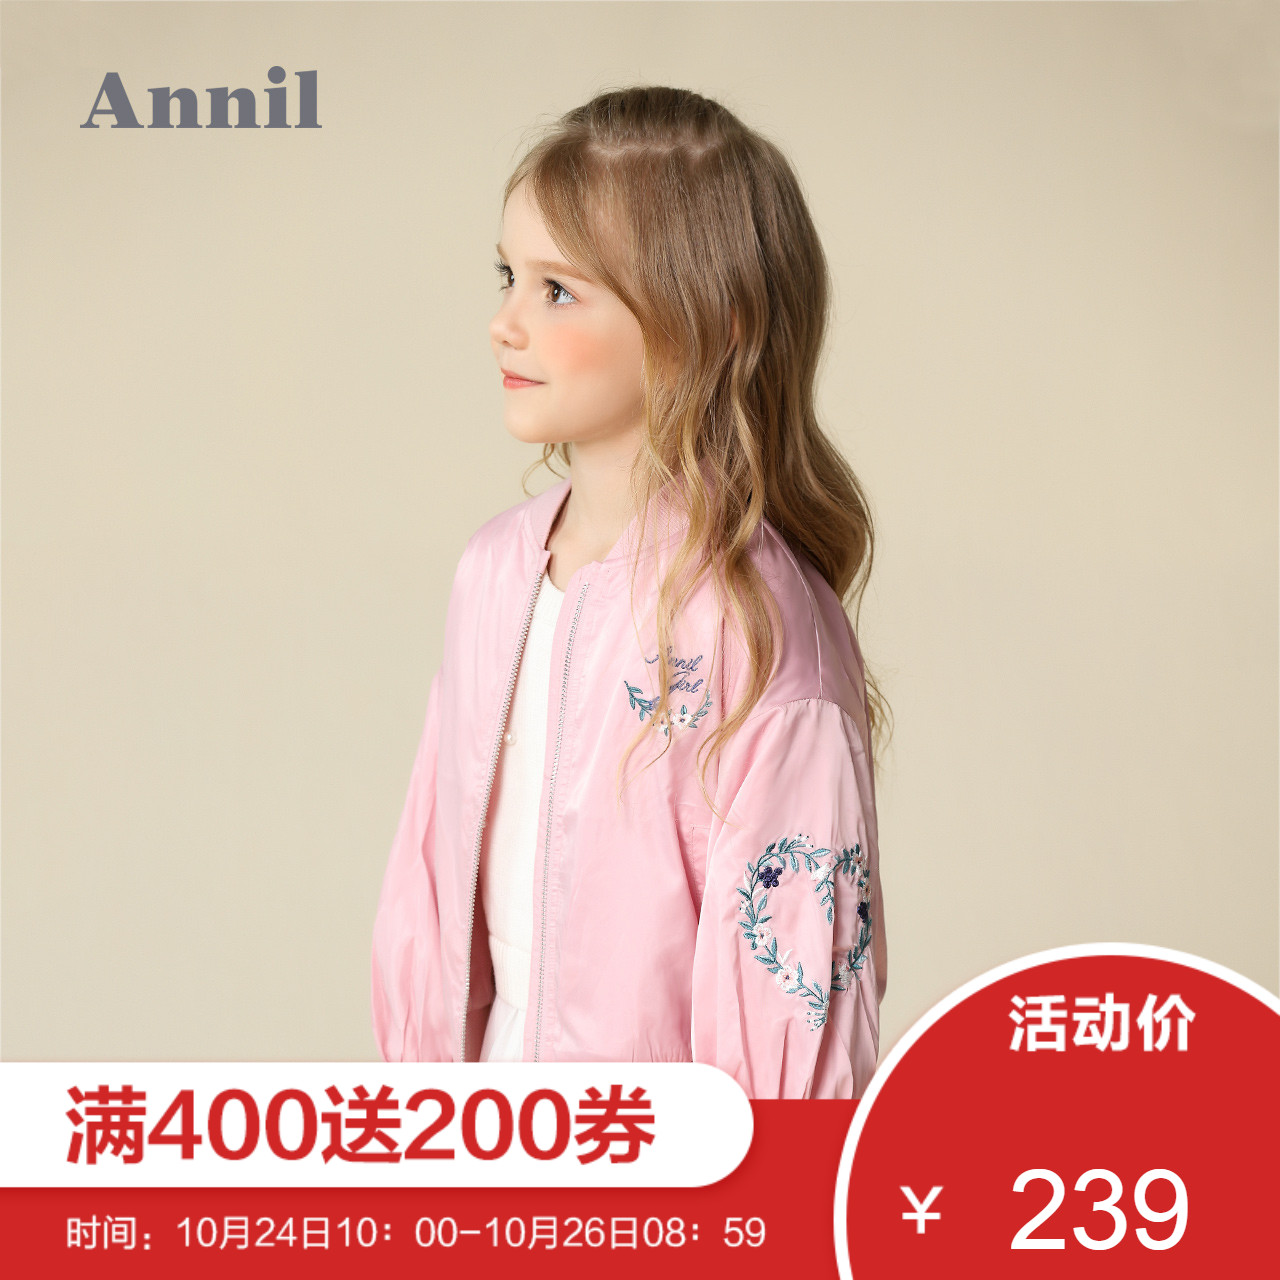 Купить Ветровки / Куртки кожаные в Китае, в интернет магазине таобао на русском языке